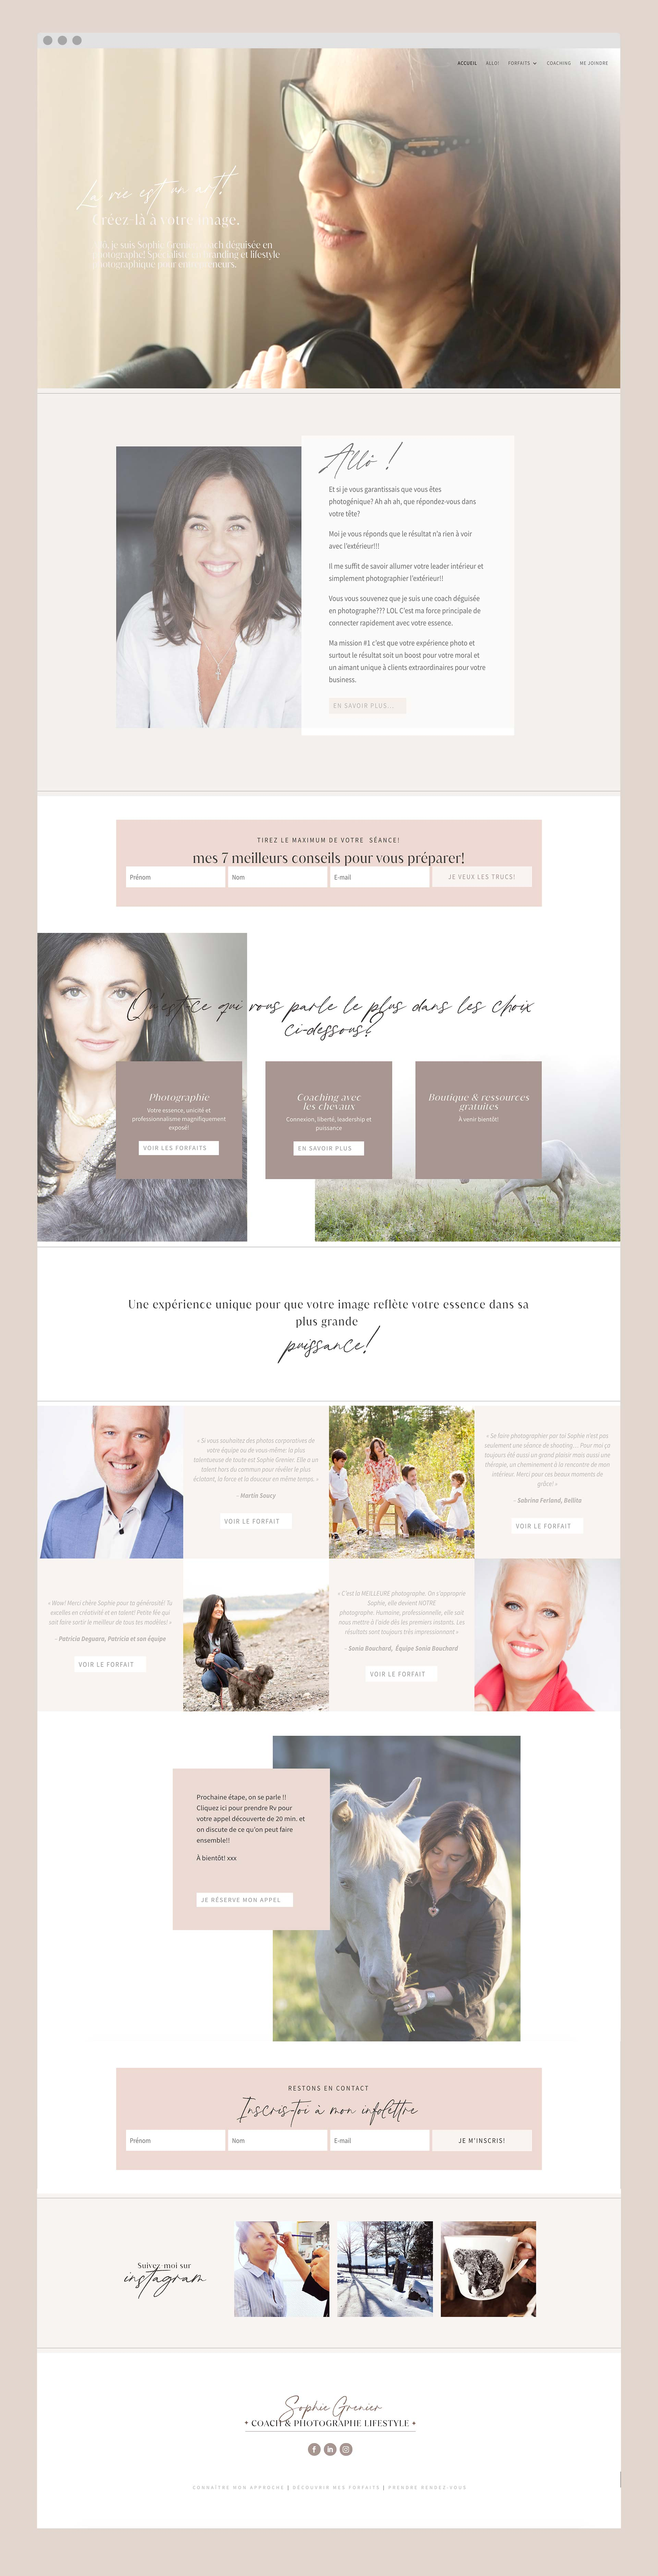 Sophie Grenier Photographe - Une réalisation de Kaylynne Johnson sites WordPress